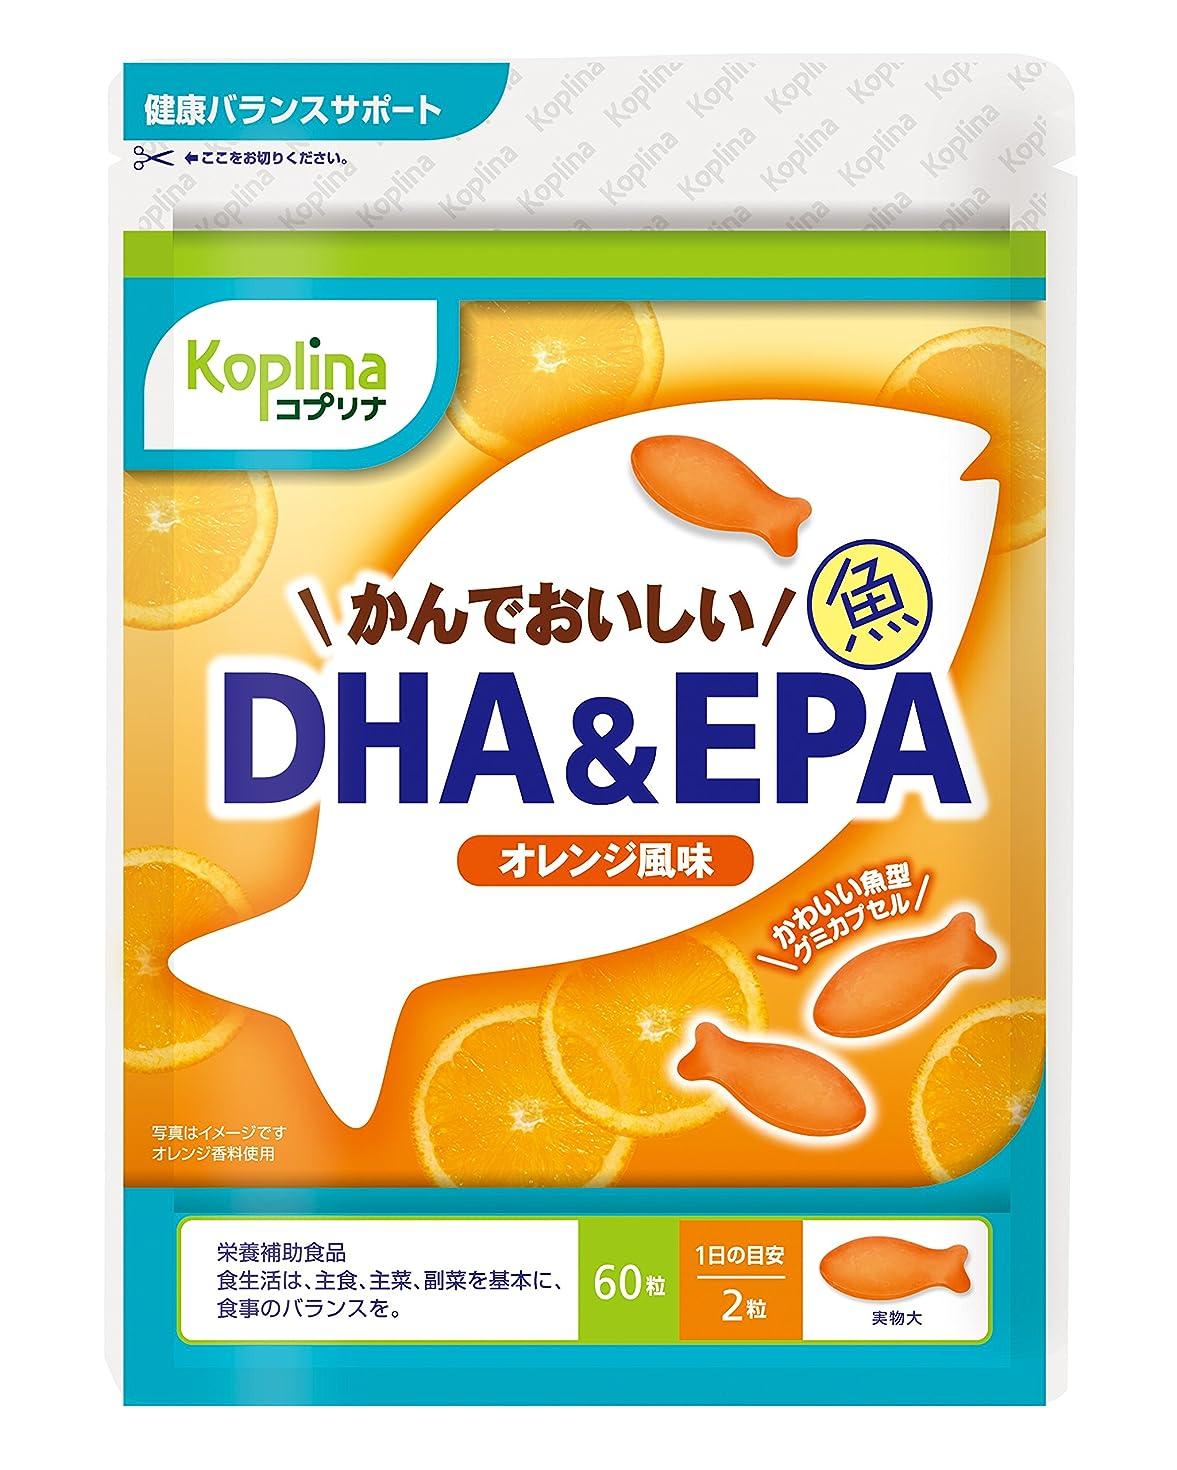 凍結透けるオートメーションかんでおいしい魚DHA&EPA 60粒(オレンジ風味)日本国内製造 チュアブルタイプ (1) (1)